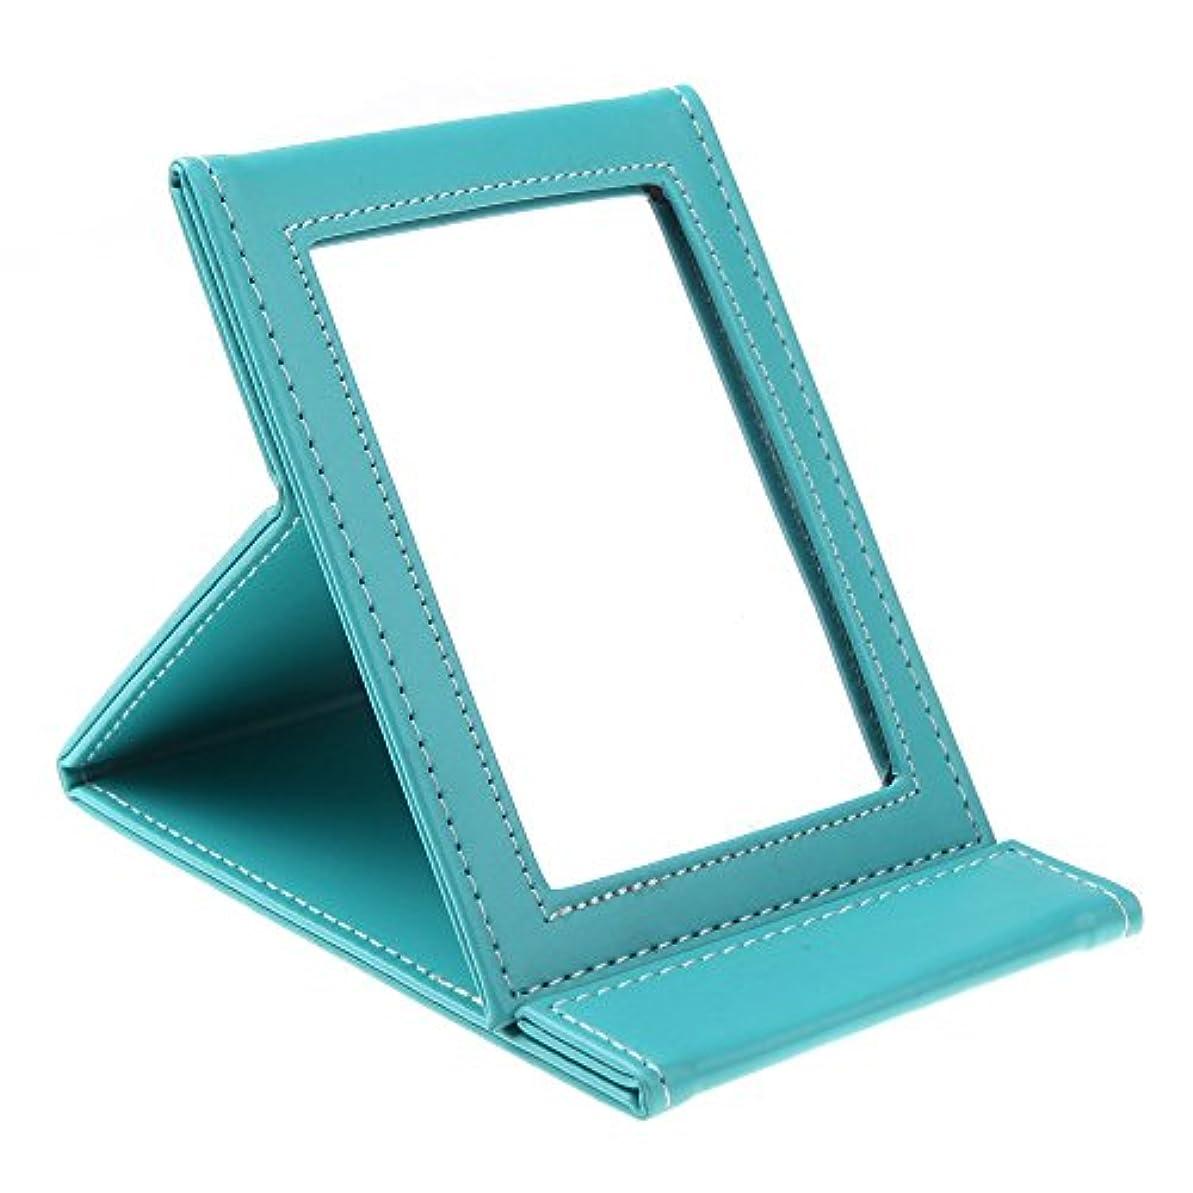 SODIAL 多機能折り畳み式ポータブル化粧メーキャップミラー 旅行用(ブルー)